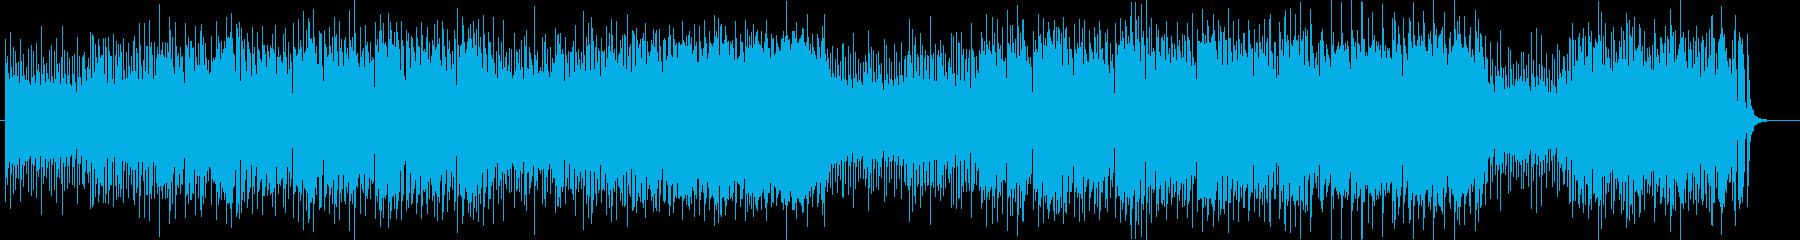 ユニークな鍵盤・打楽器・トランペット曲の再生済みの波形